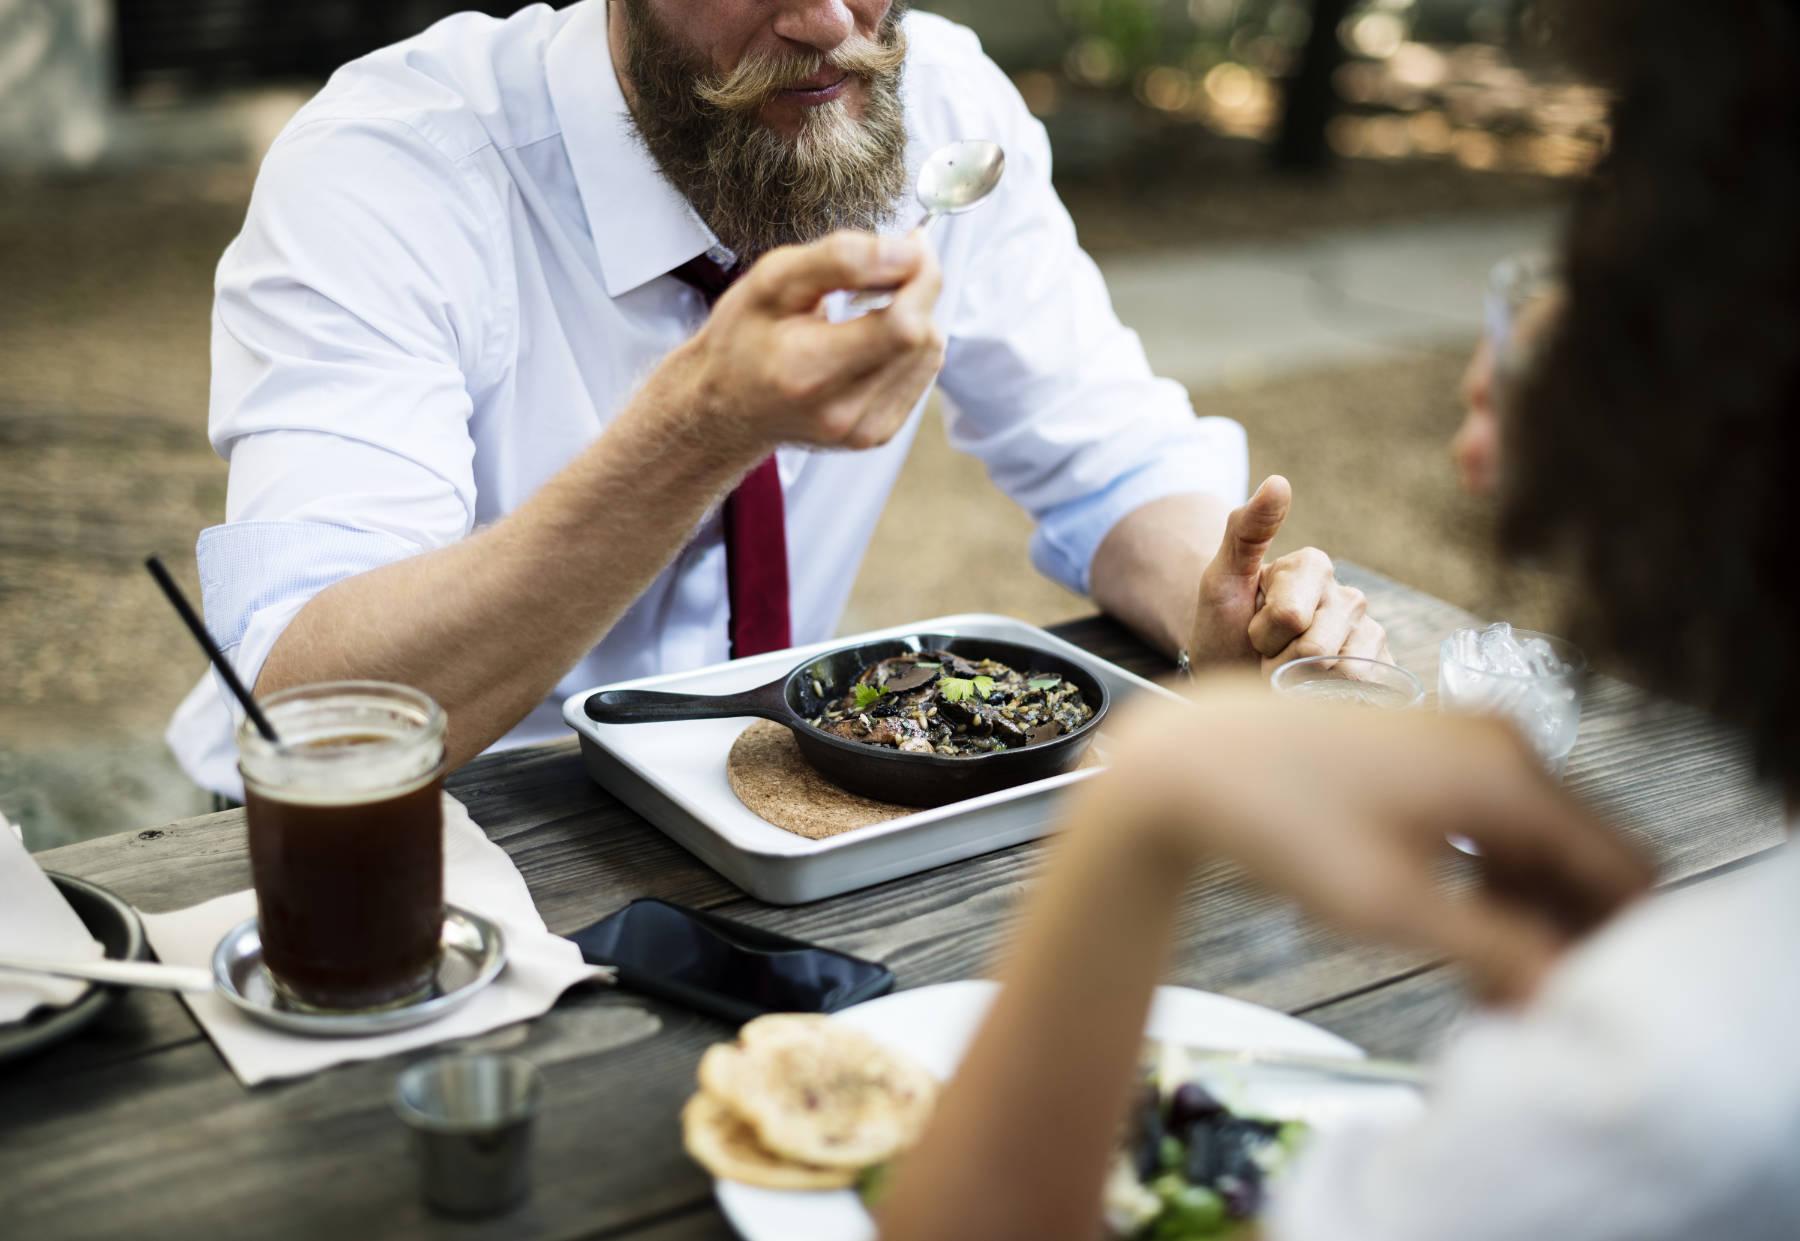 Boissons sucrées + repas riches en protéines = gain de poids et obésité